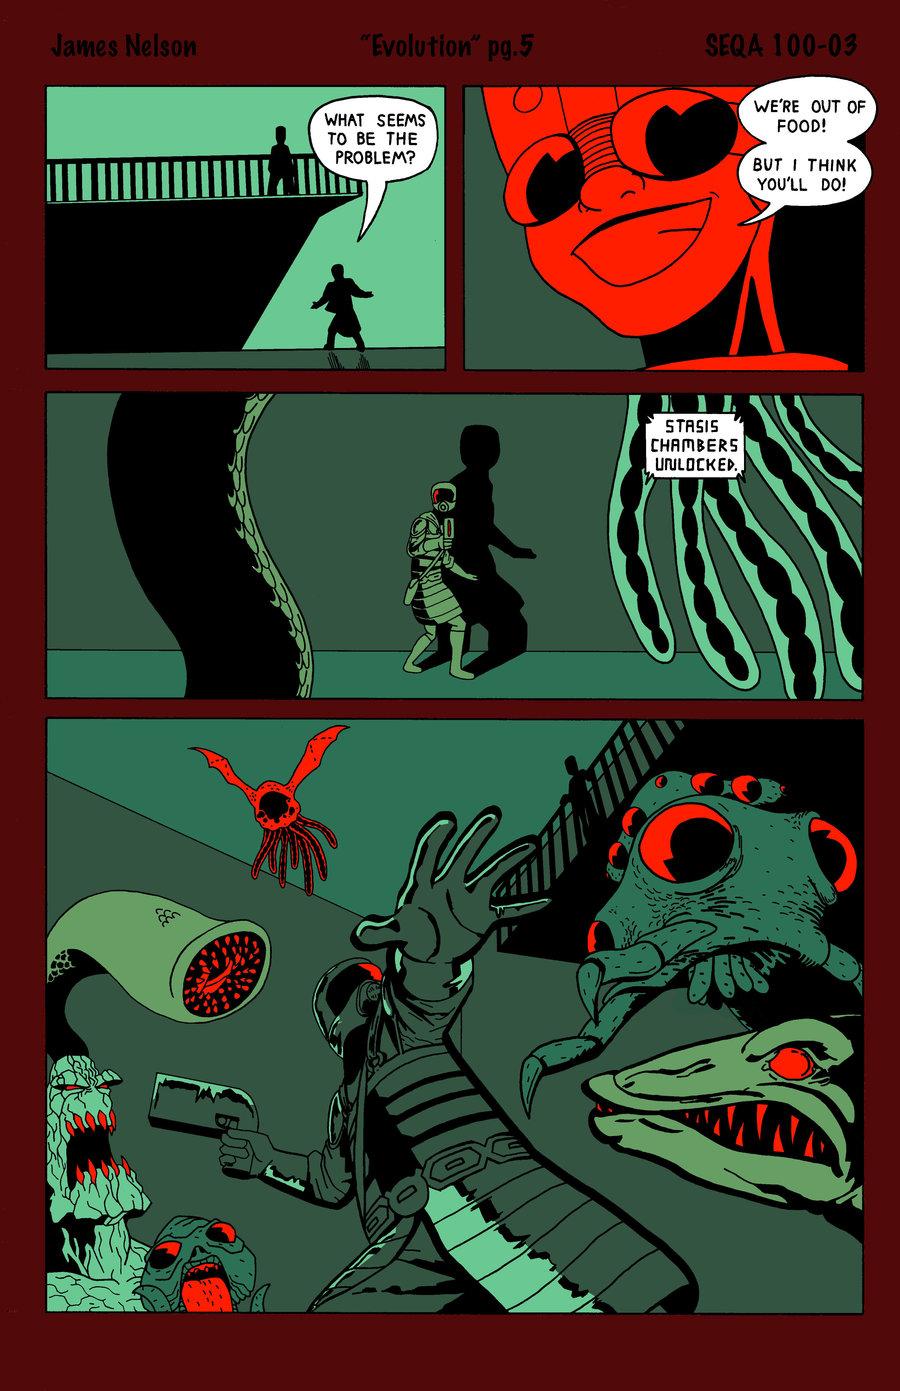 Evolution pg.5